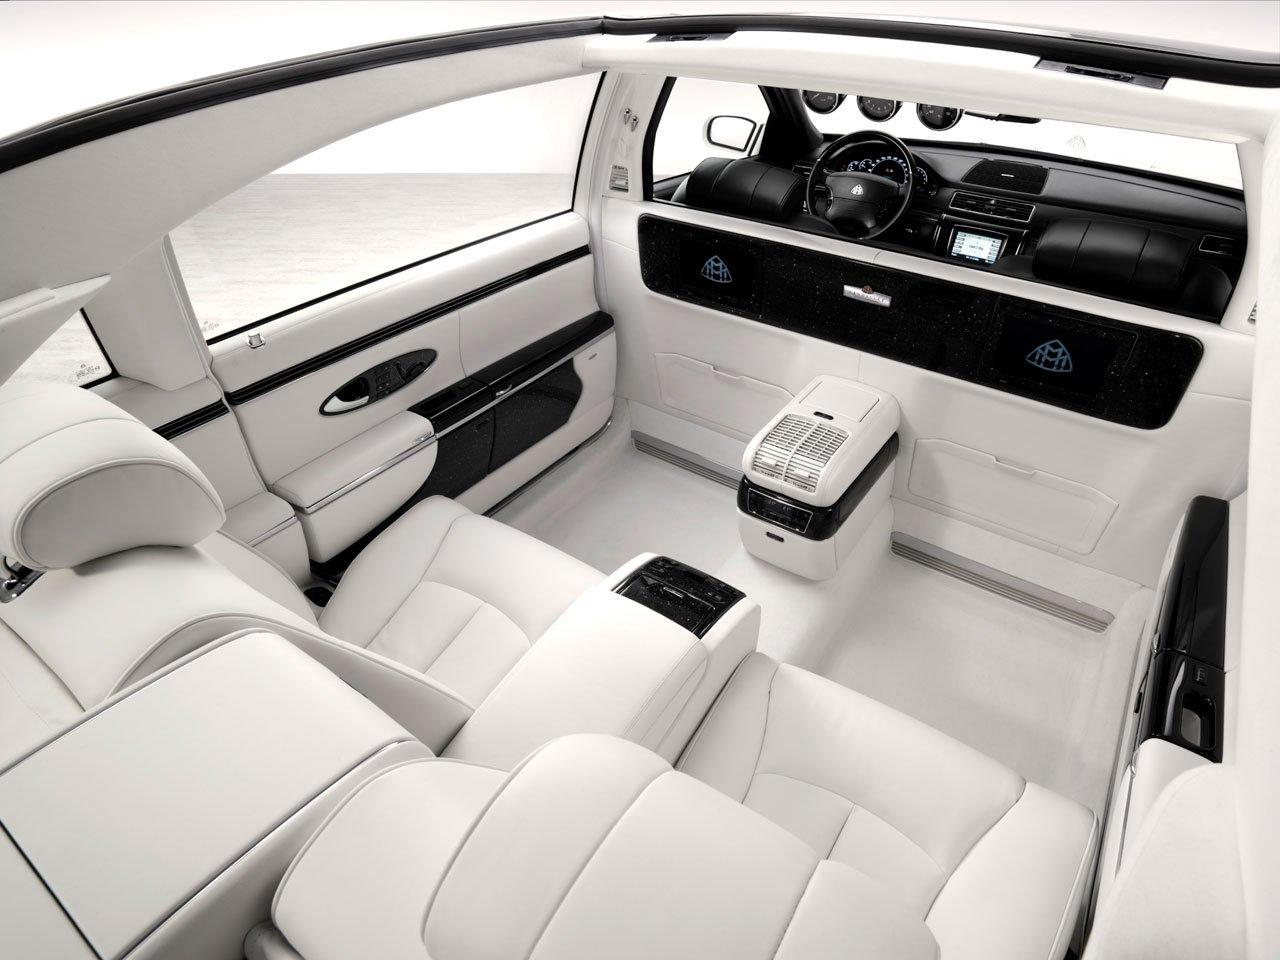 صورة سيارة بيضاء في الحلم , تفسير رؤيه السيارة البيضاء